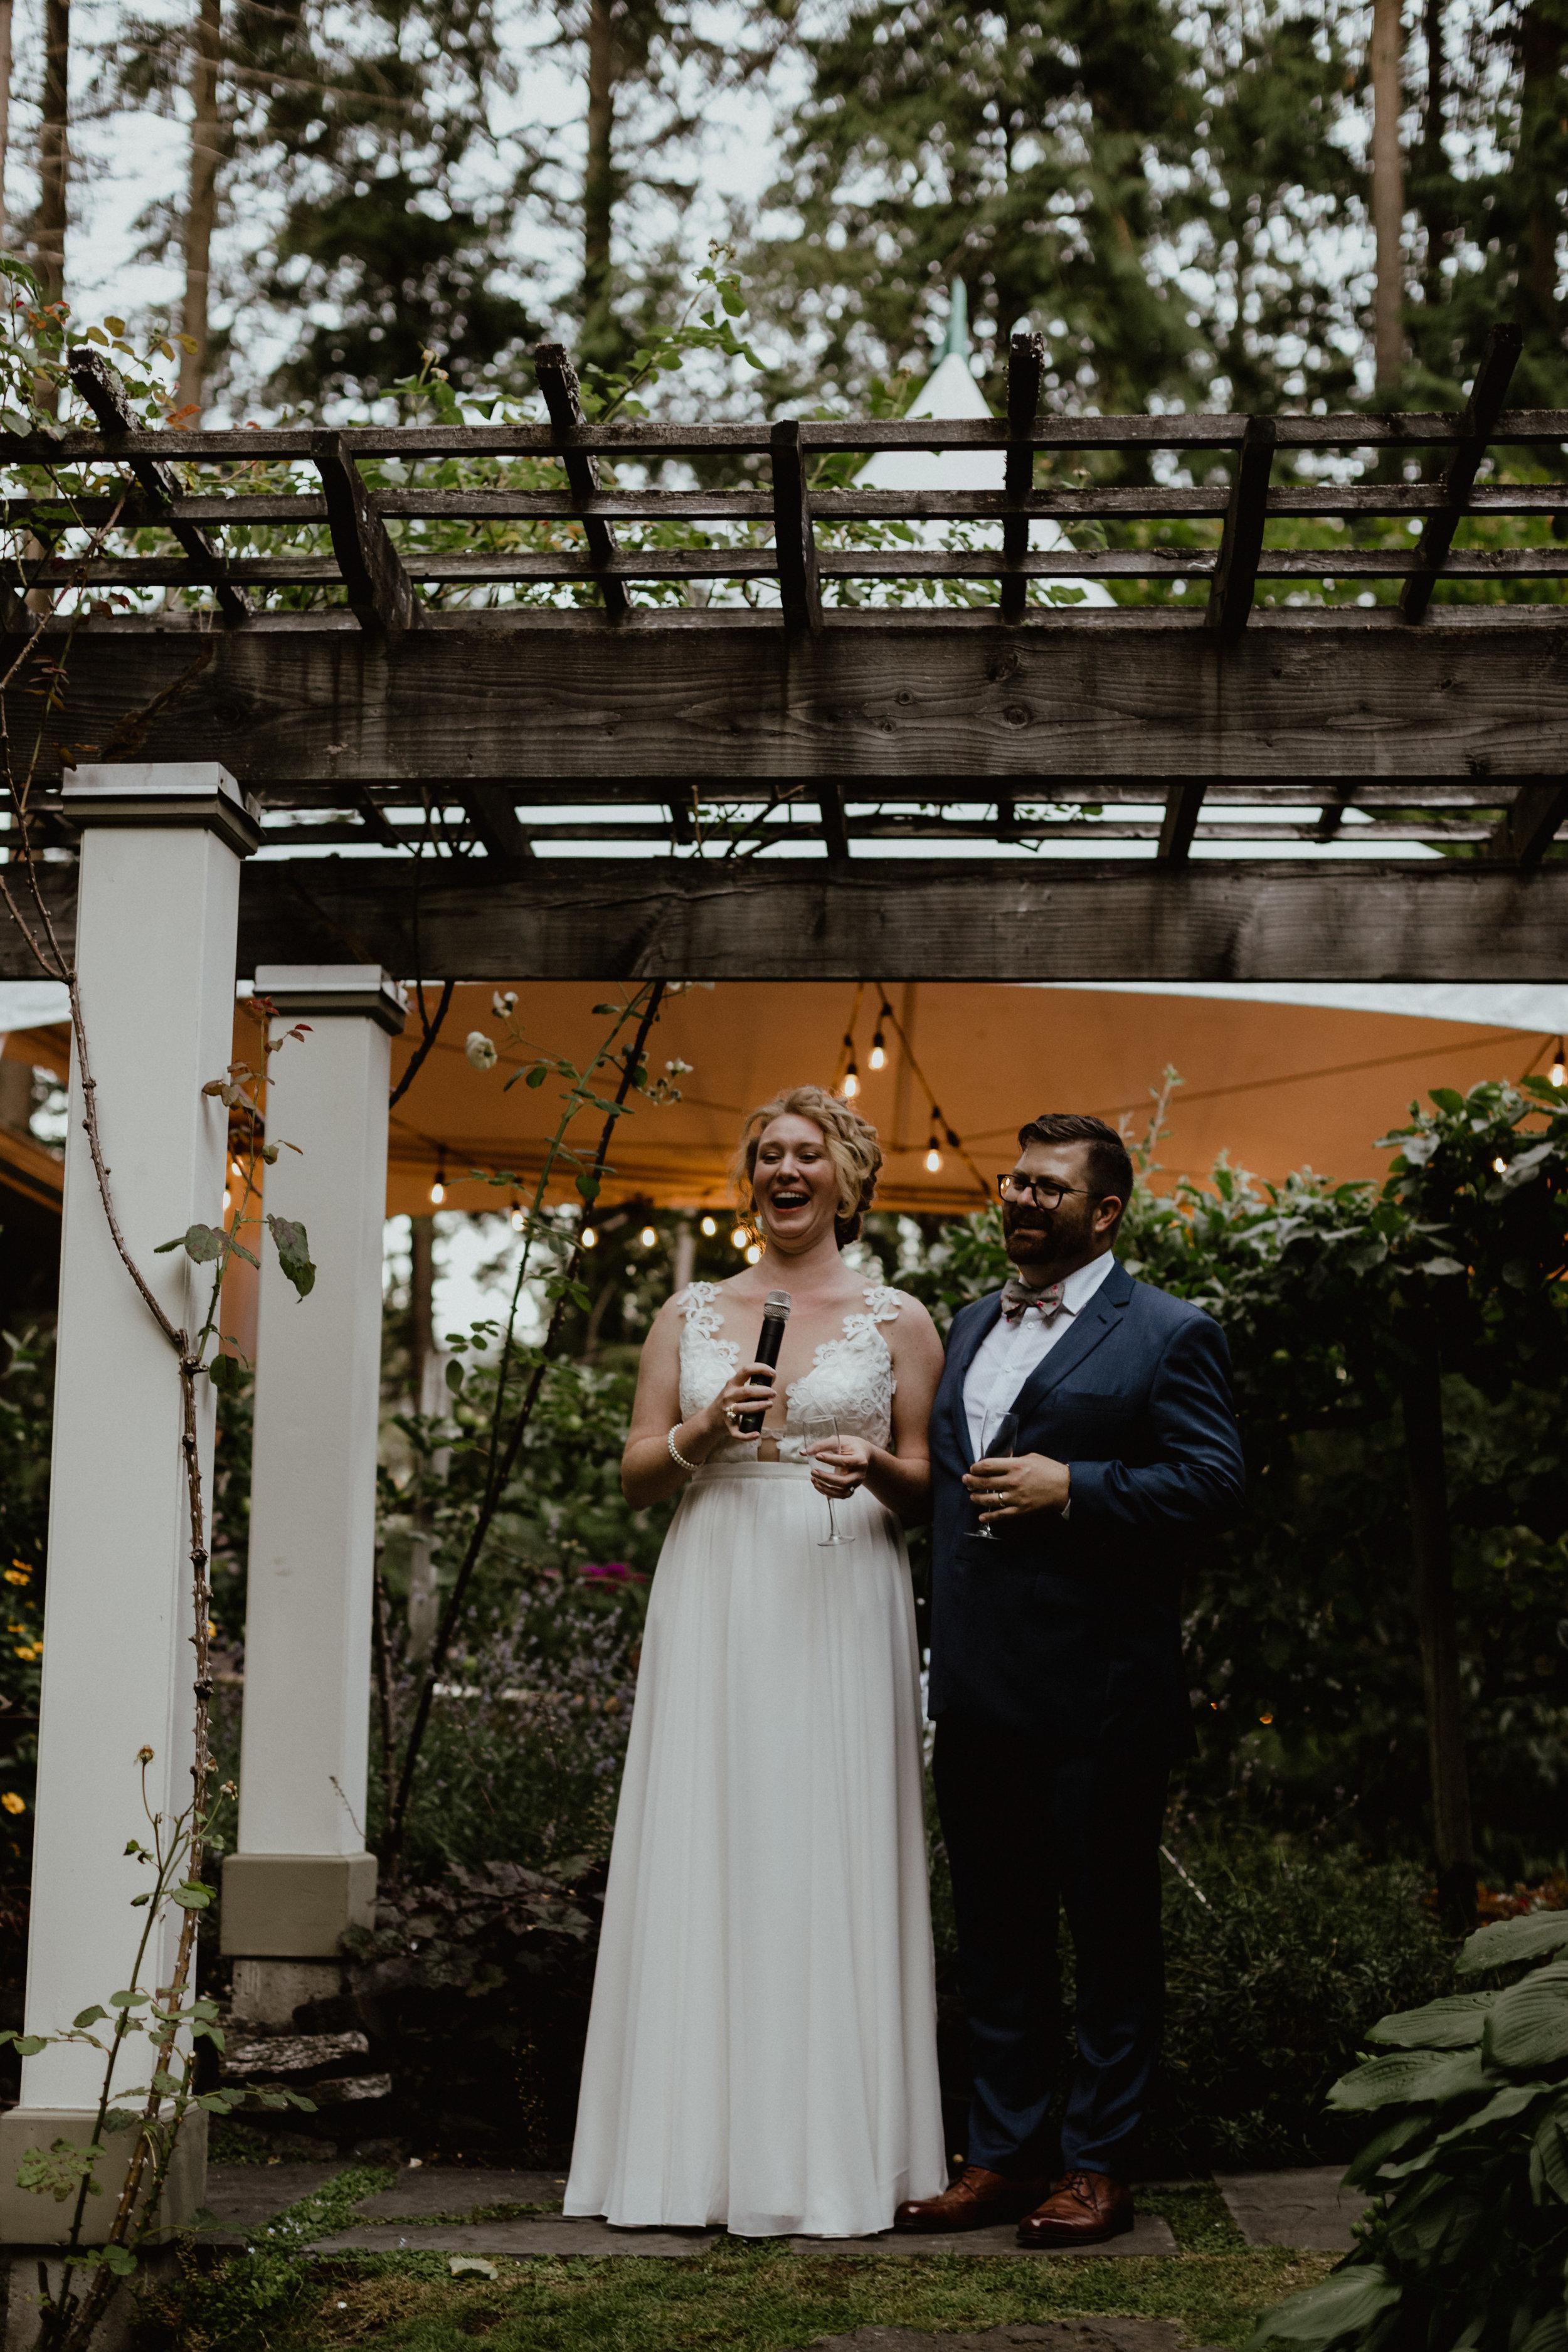 west-vancouver-backyard-wedding-260.jpg